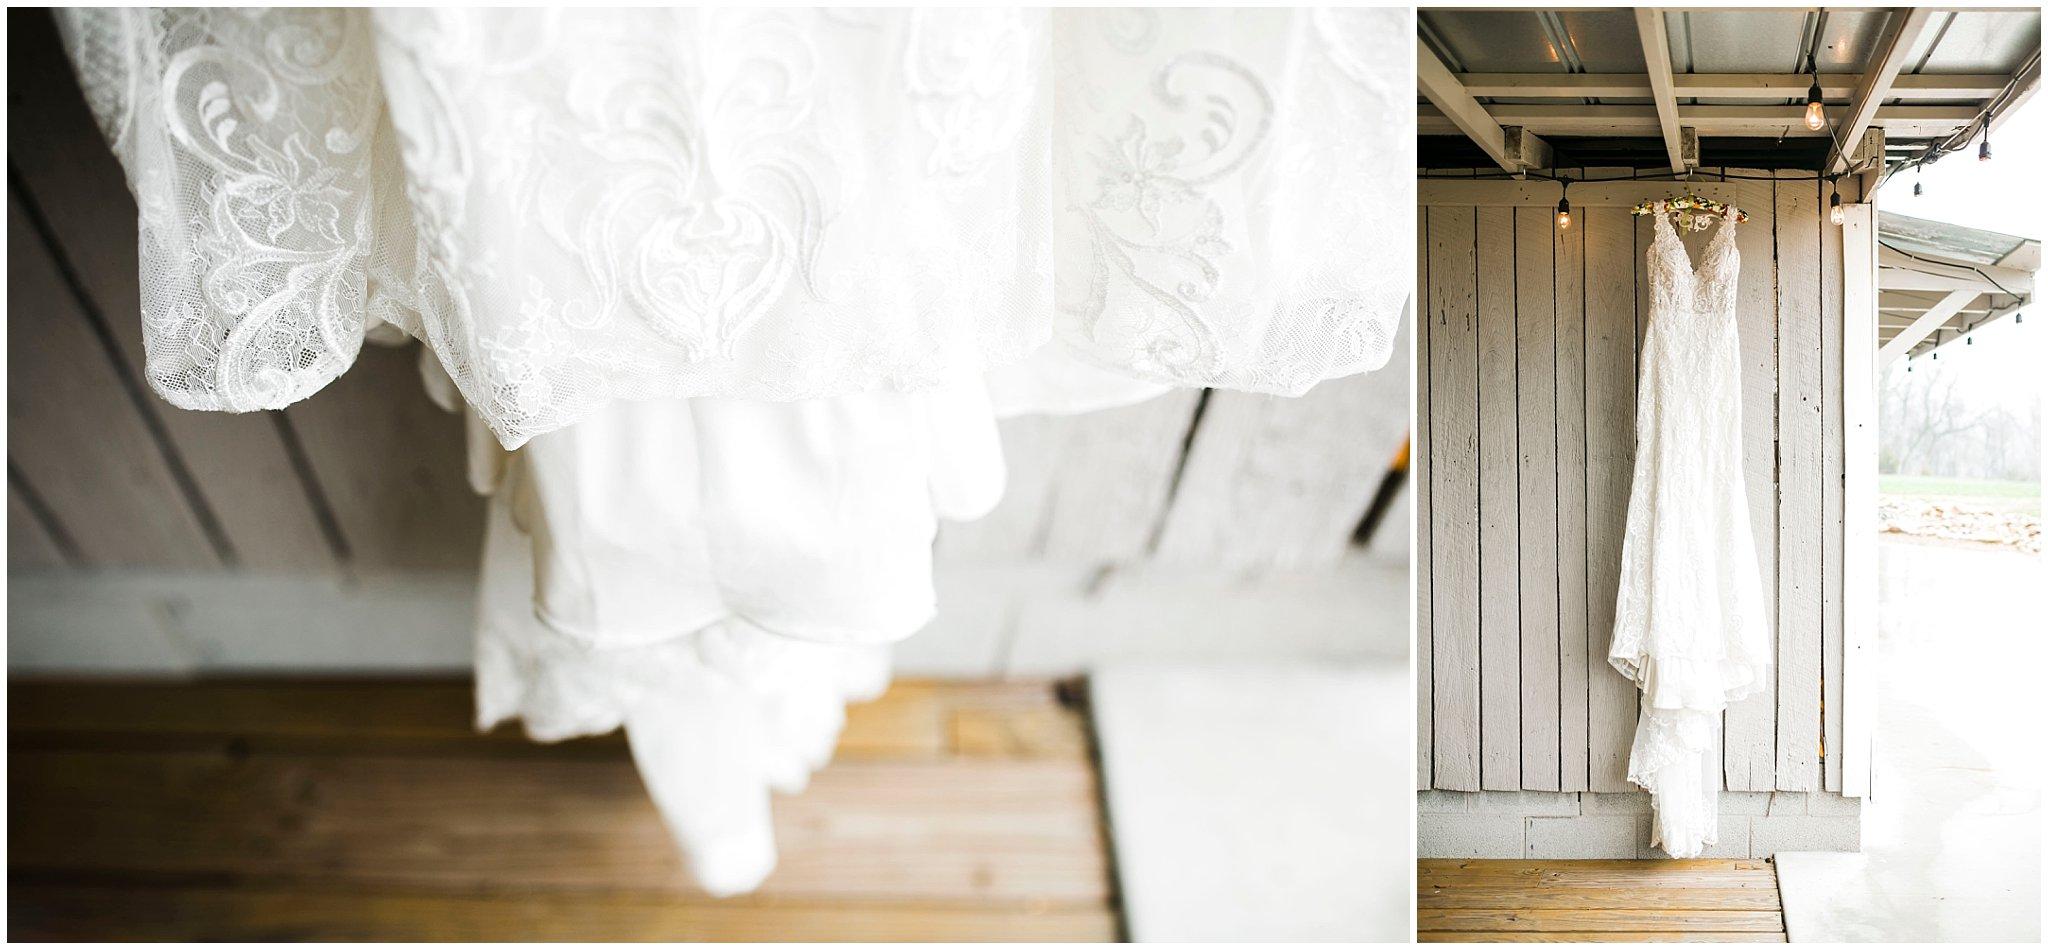 Heartland Meadows Davids Bridal Winx Photo Knoxville Wedding Photographer